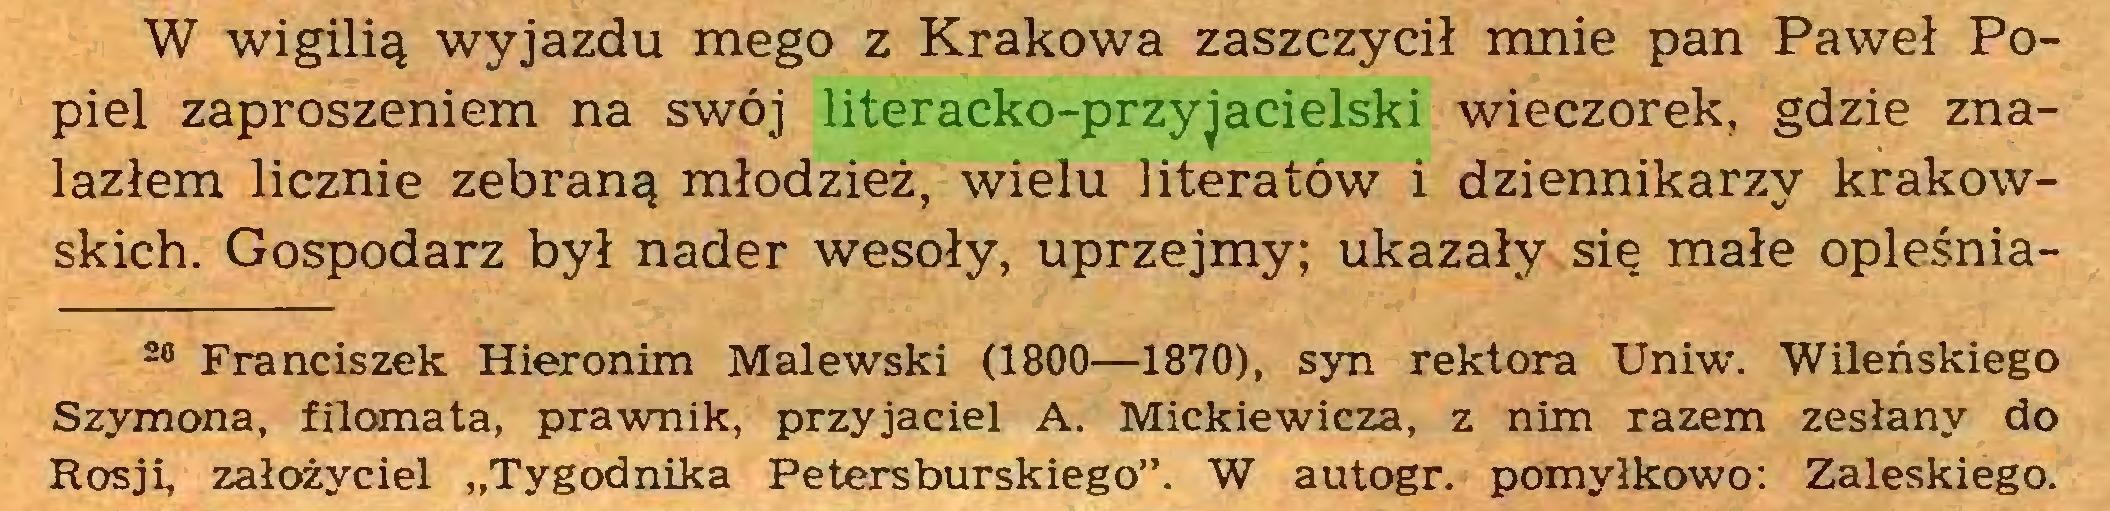 """(...) W wigilią wyjazdu mego z Krakowa zaszczycił mnie pan Paweł Popiel zaproszeniem na swój literacko-przyjacielski wieczorek, gdzie znalazłem licznie zebraną młodzież, wielu literatów i dziennikarzy krakowskich. Gospodarz był nader wesoły, uprzejmy; ukazały się małe opleśnia20 Franciszek Hieronim Malewski (1800—1870), syn rektora Uniw. Wileńskiego Szymona, filomata, prawnik, przyjaciel A. Mickiewicza, z nim razem zesłany do Rosji, założyciel """"Tygodnika Petersburskiego"""". W autogr. pomyłkowo: Zaleskiego..."""